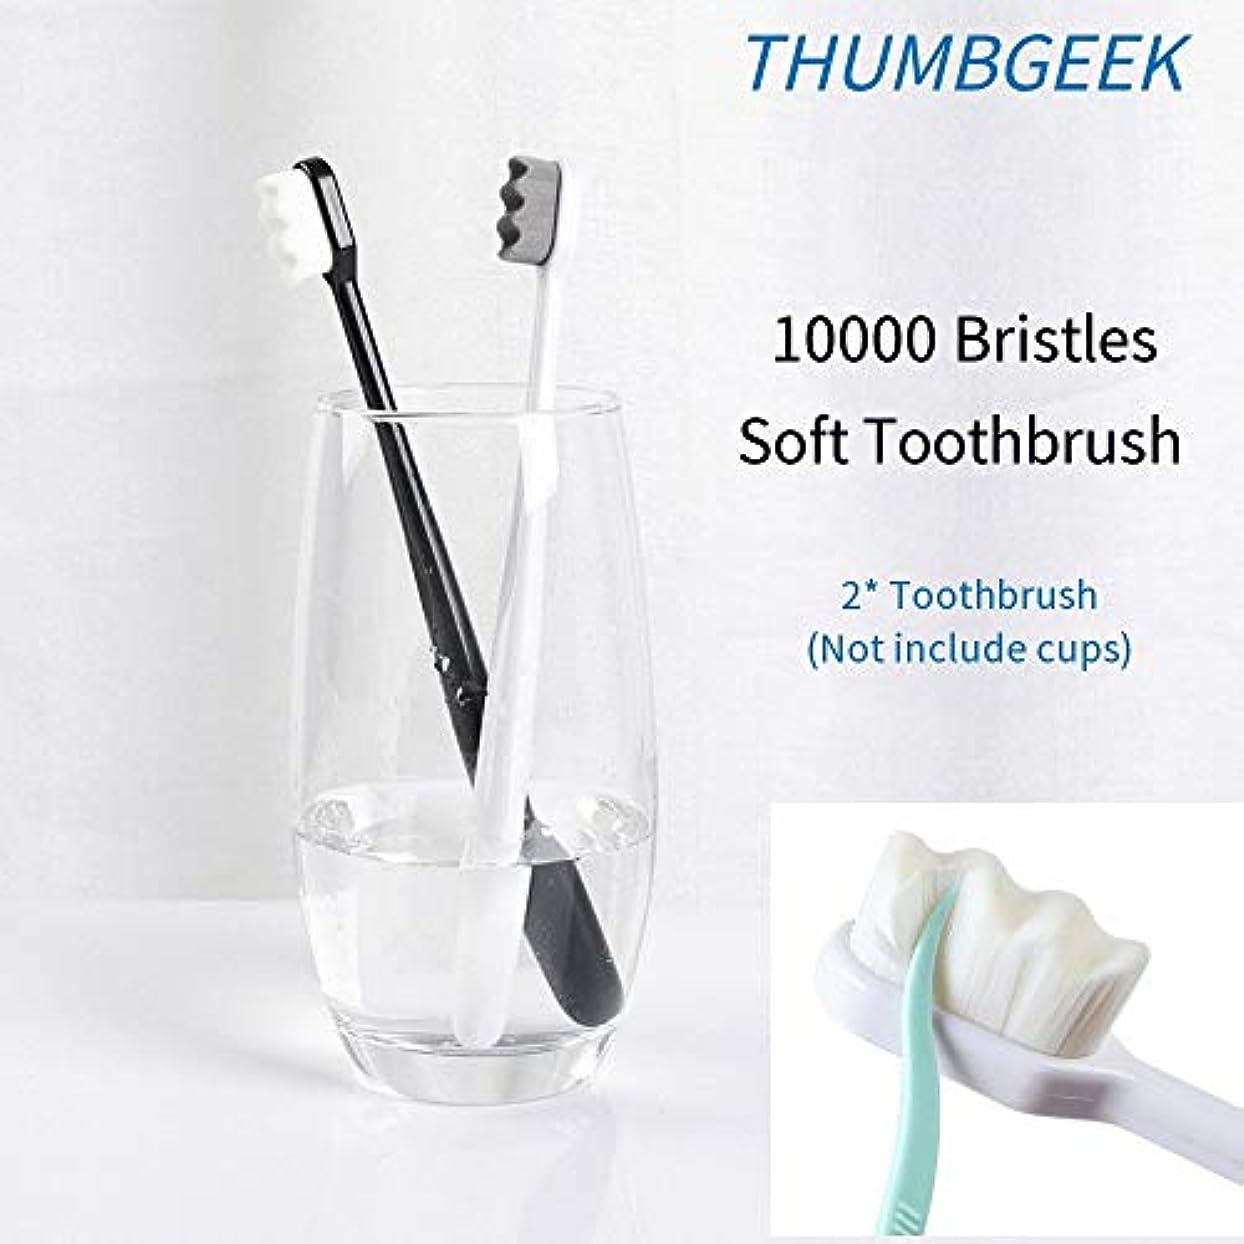 プール診療所優先2本の歯ブラシ、ウルトラソフト歯ブラシ、家族の妊娠中の女性用、年配の看護の歯肉に敏感なディープマウスクリーンオーラルケア、手動歯ブラシ